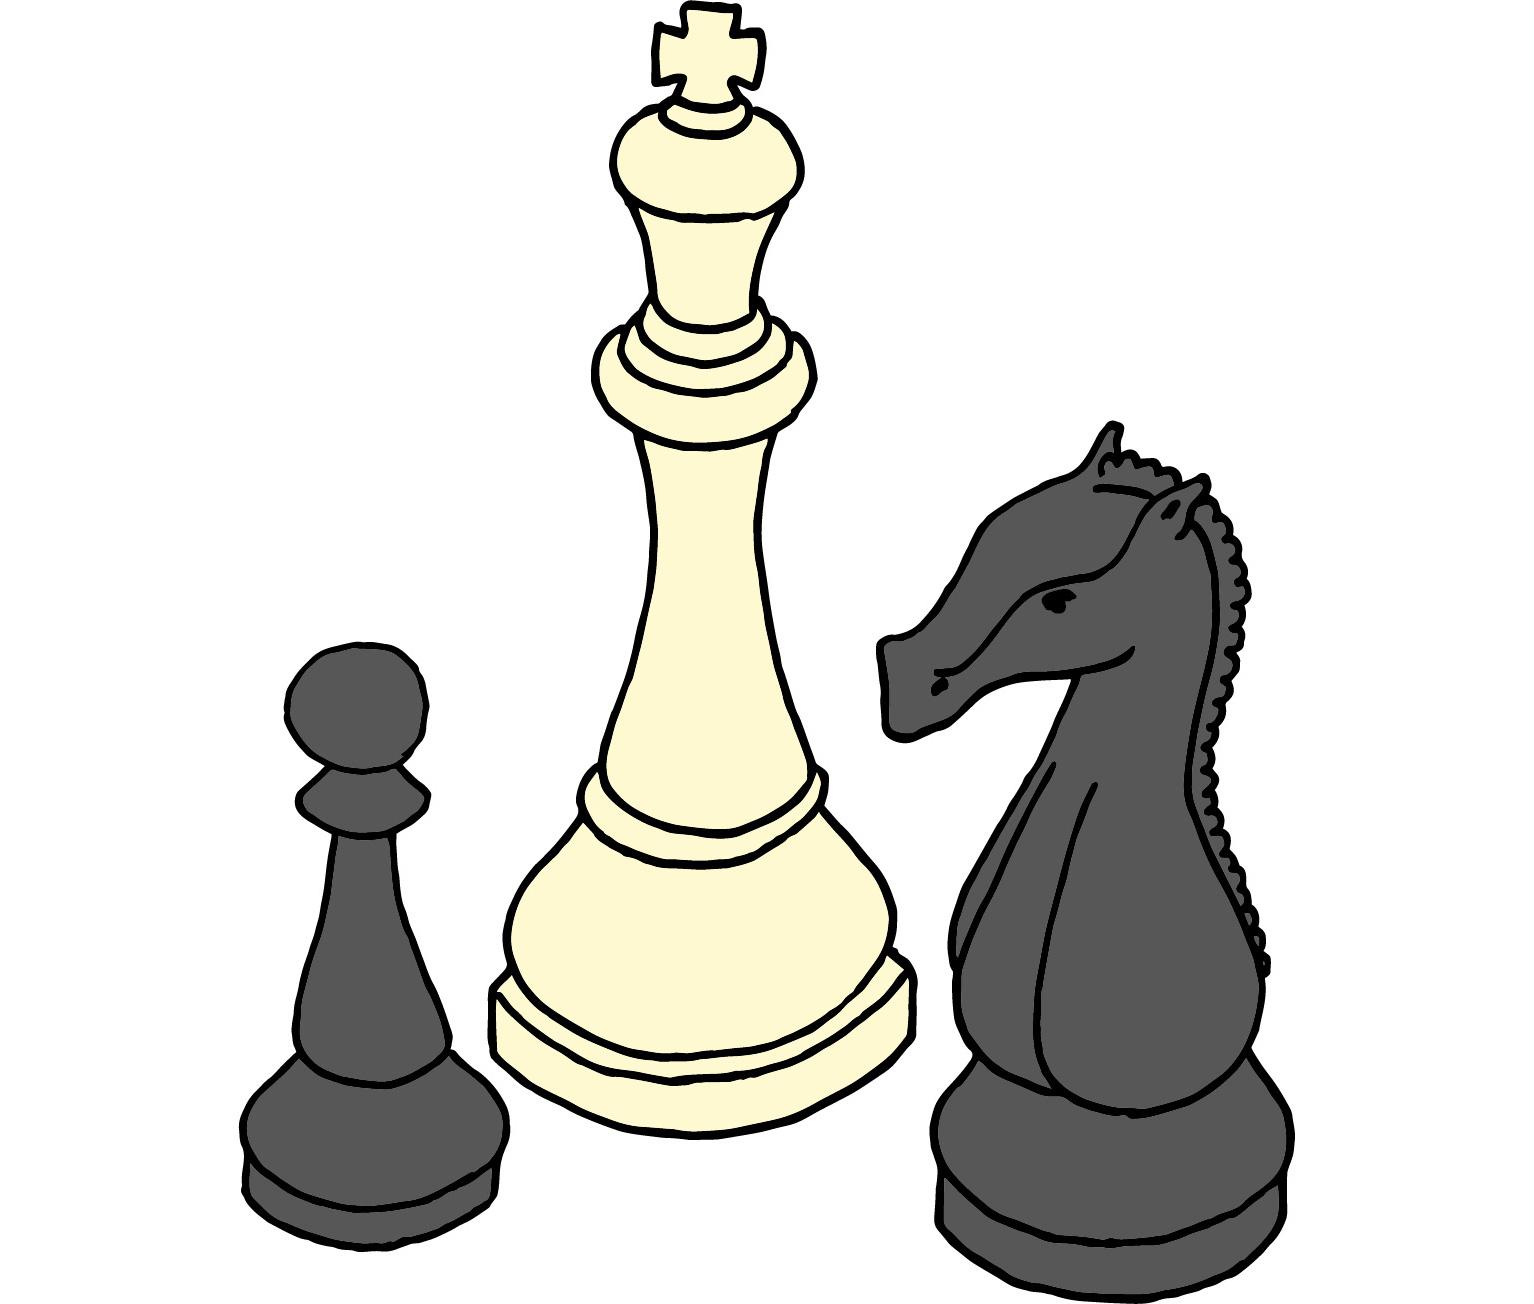 Šachový kroužek